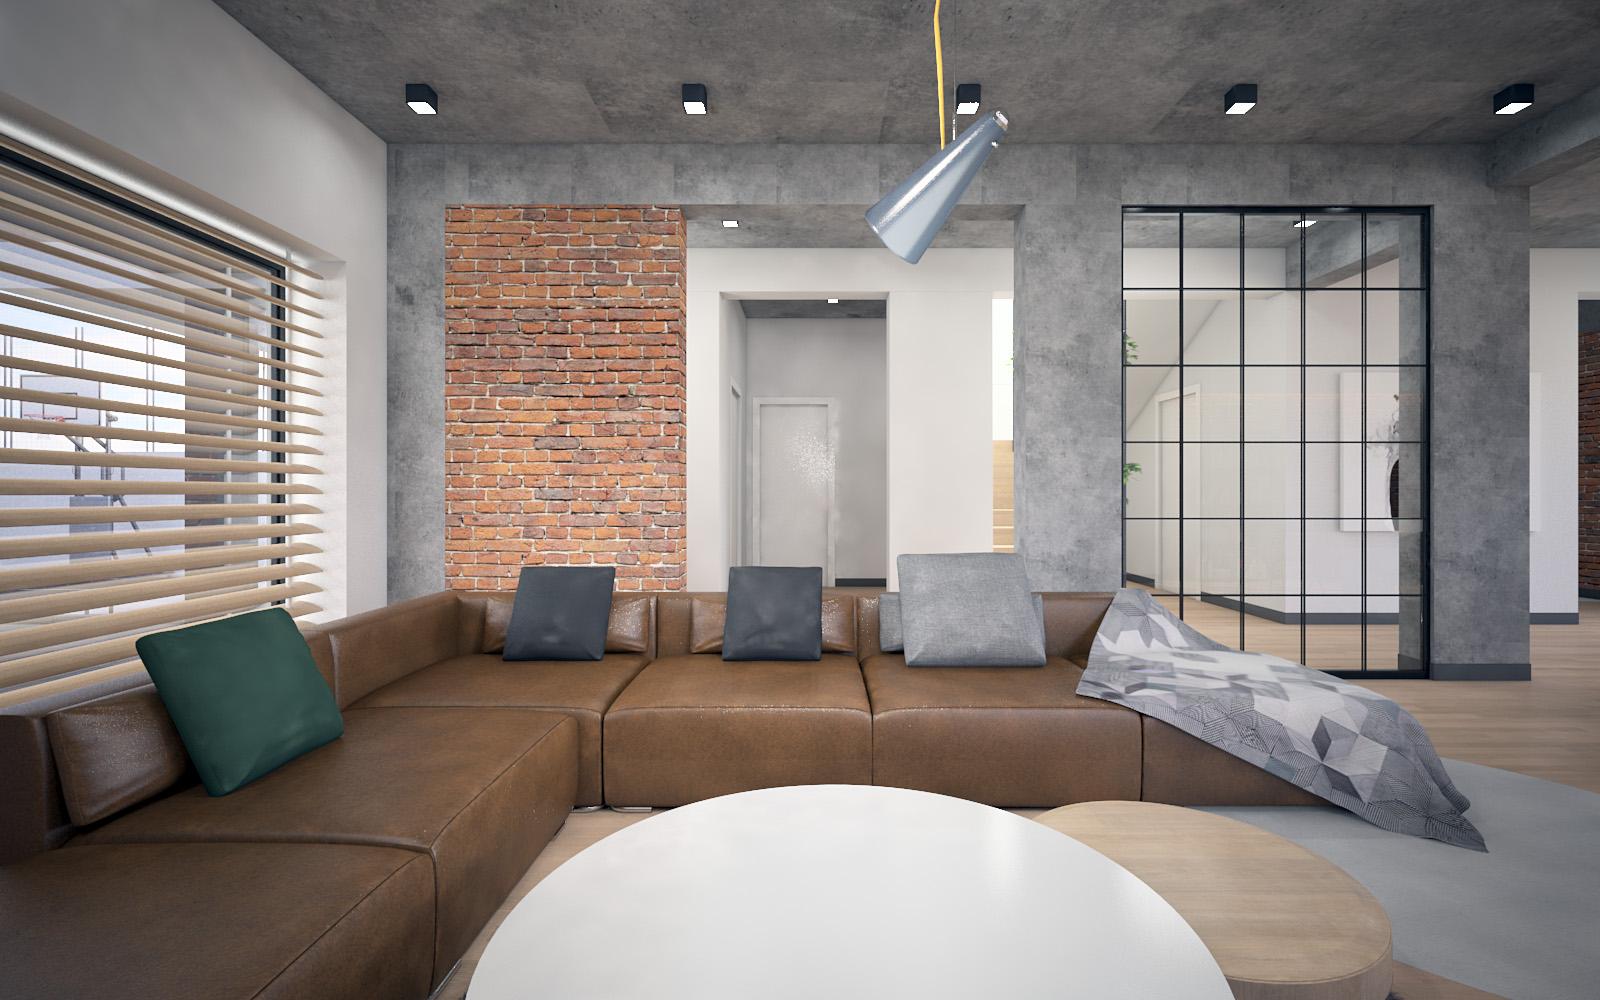 https://nbc-arhitect.ro/wp-content/uploads/2020/10/NBC-Arhitect-_-Arcstil-Residences-_-Romania-_-interior-design-view_4.jpg